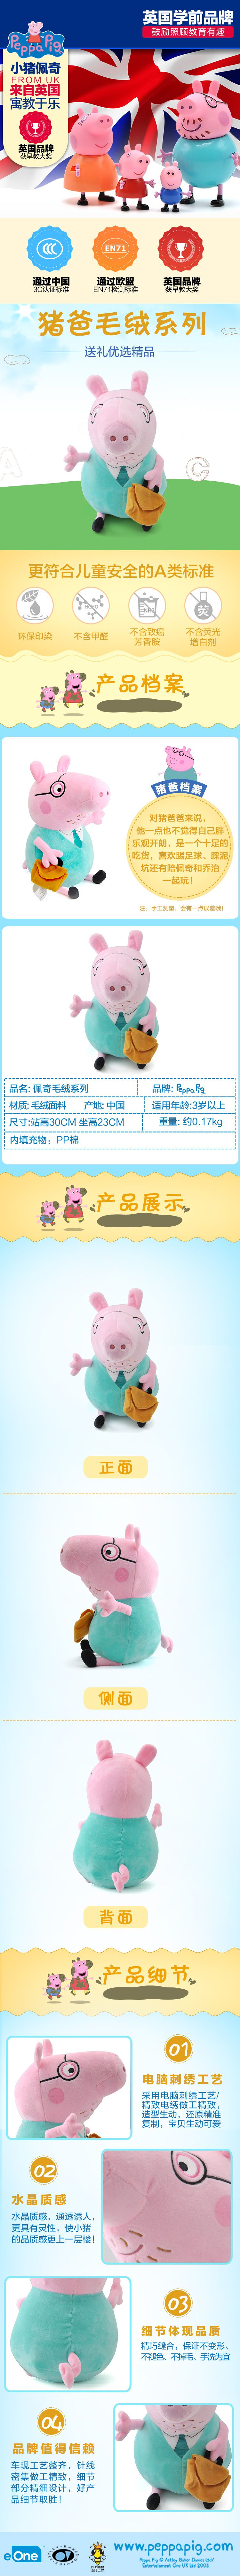 小猪佩奇成员名字图片_WWW.QQYA.COM